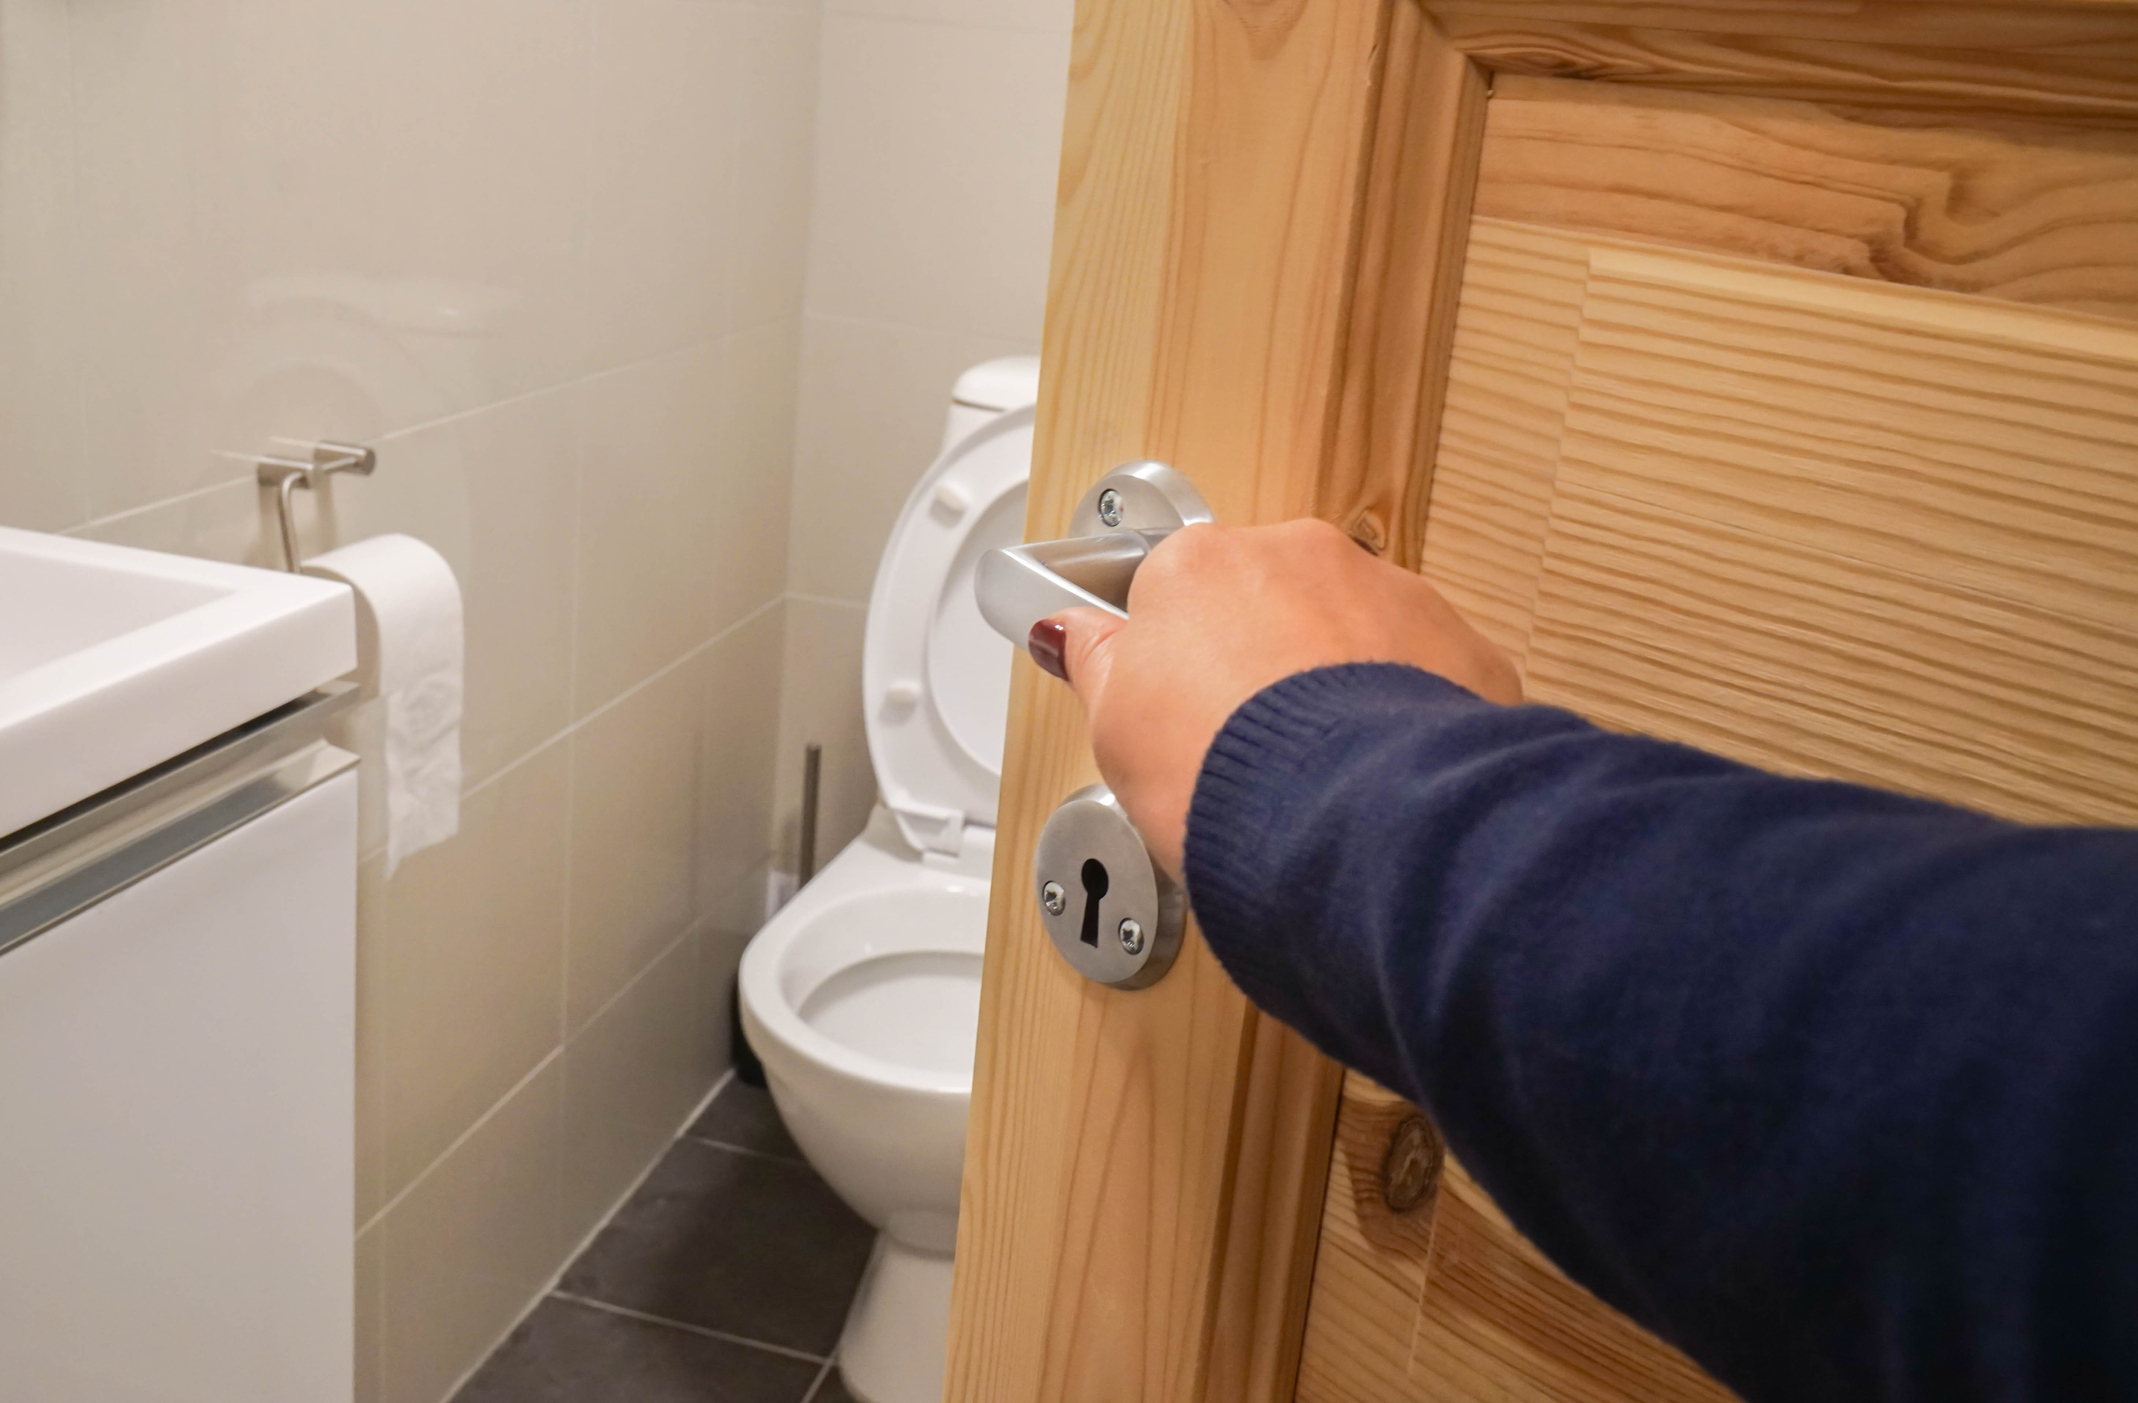 19 novembre 2020 – Journée Mondiale des Toilettes